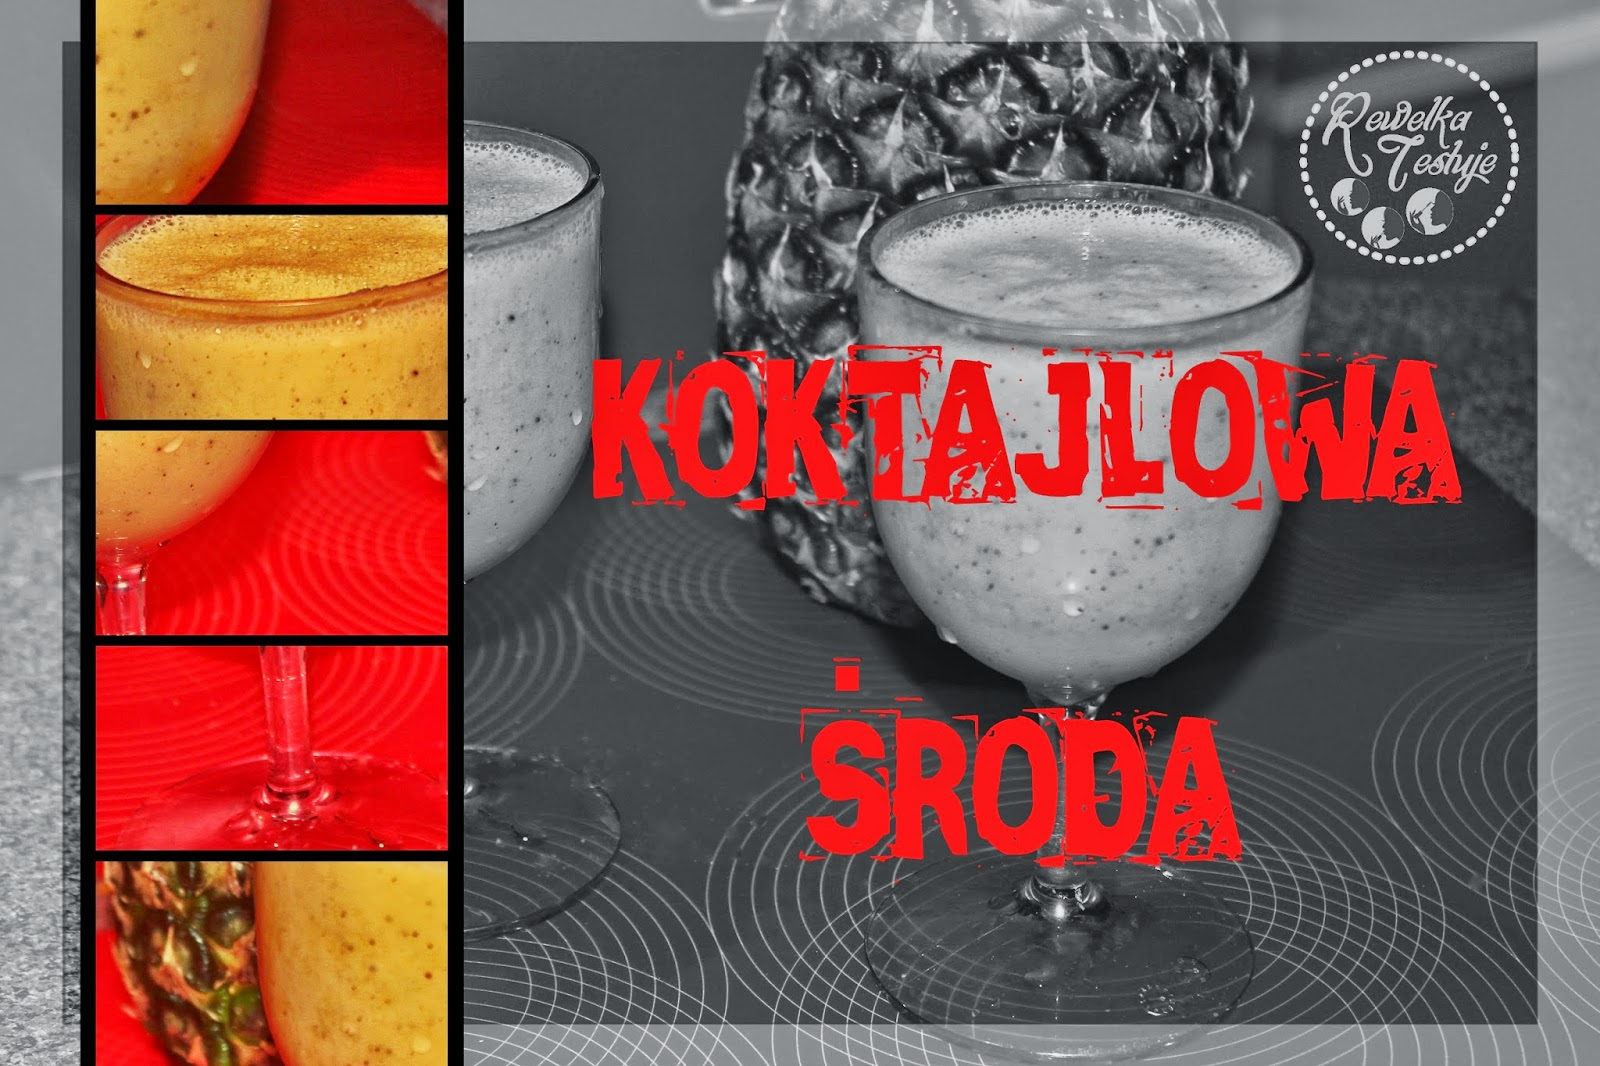 Koktajlowa środa - Ananas, kiwi oraz jogurt czyli niezła bomba witaminowa